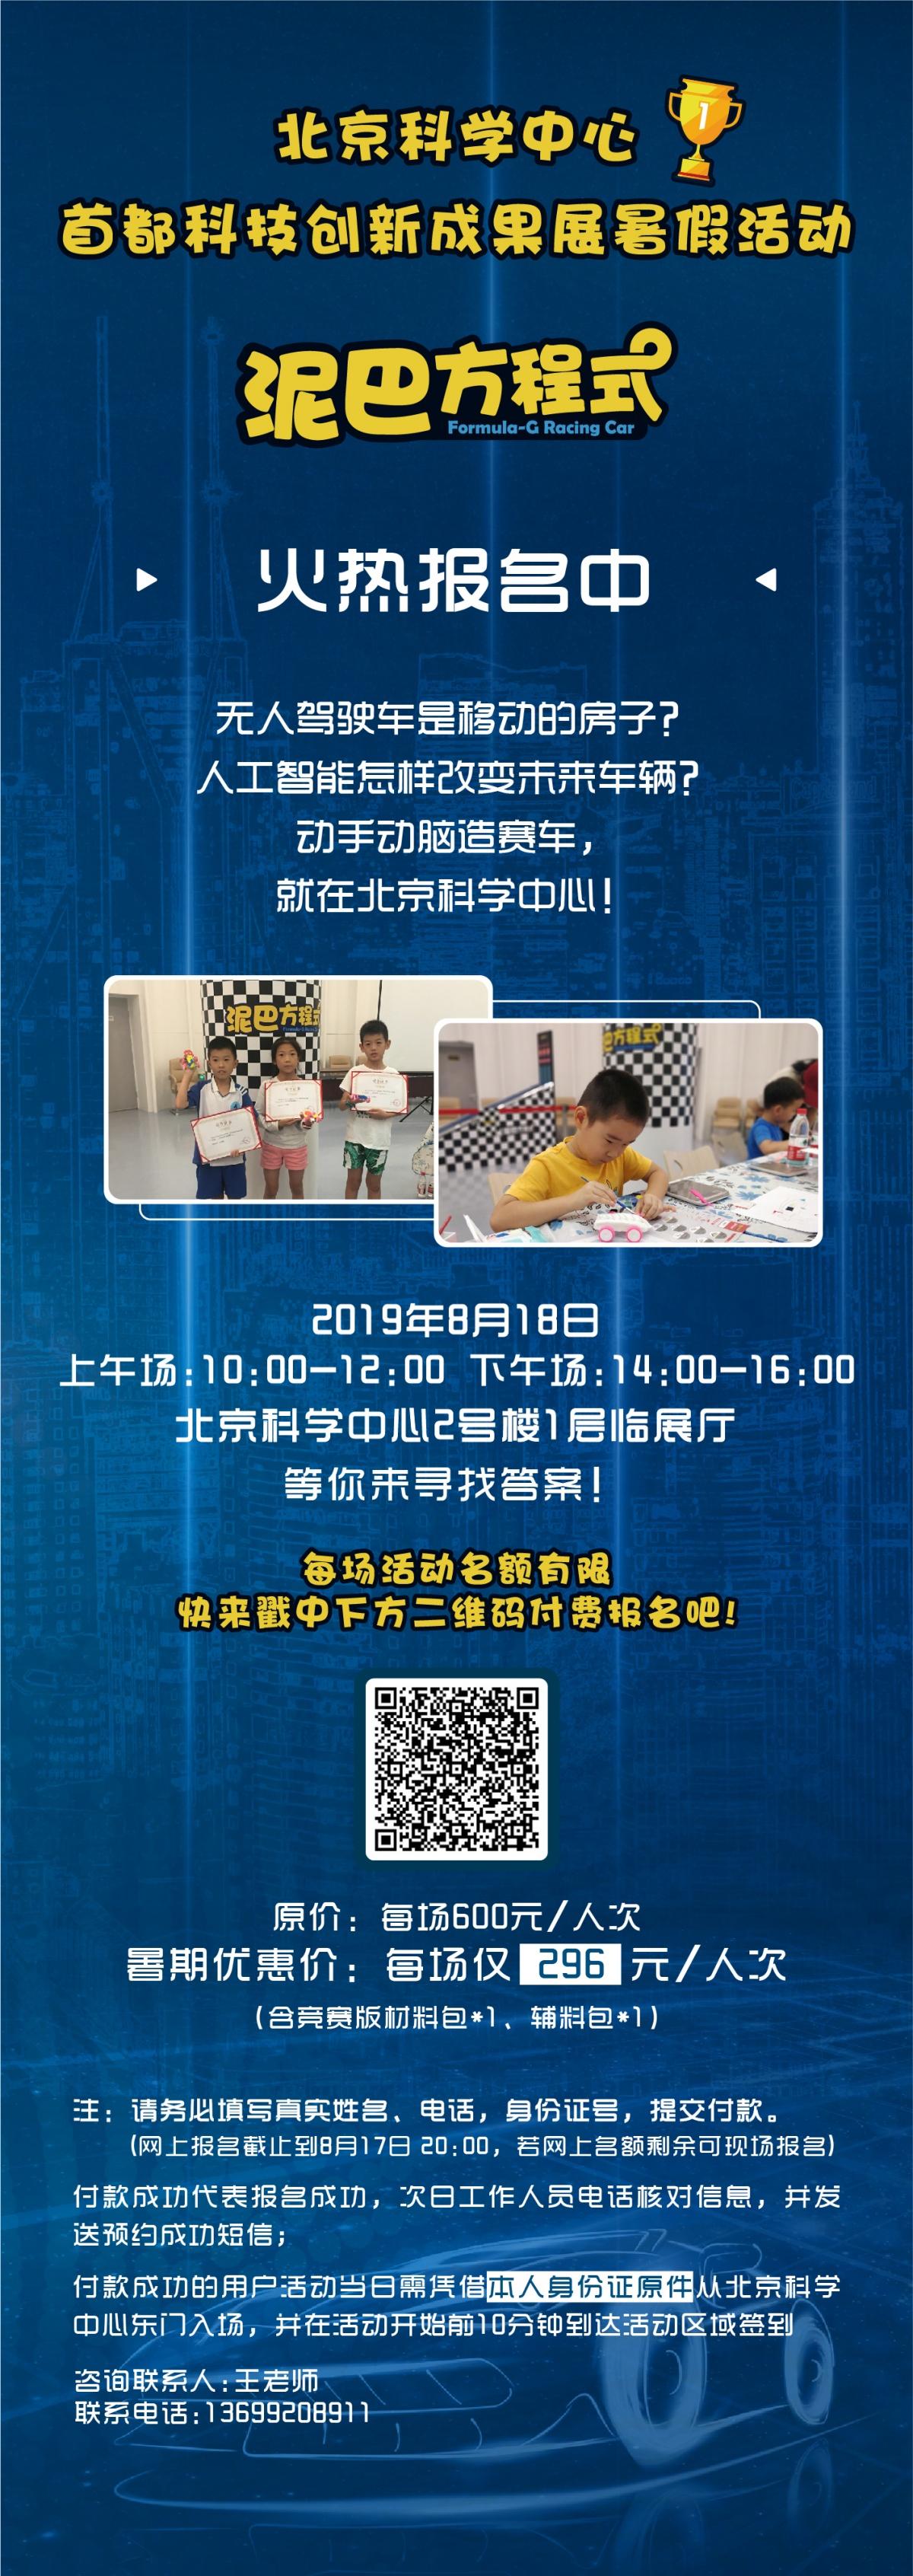 泥巴方程式活动 官网宣传图 (8-18期).jpg